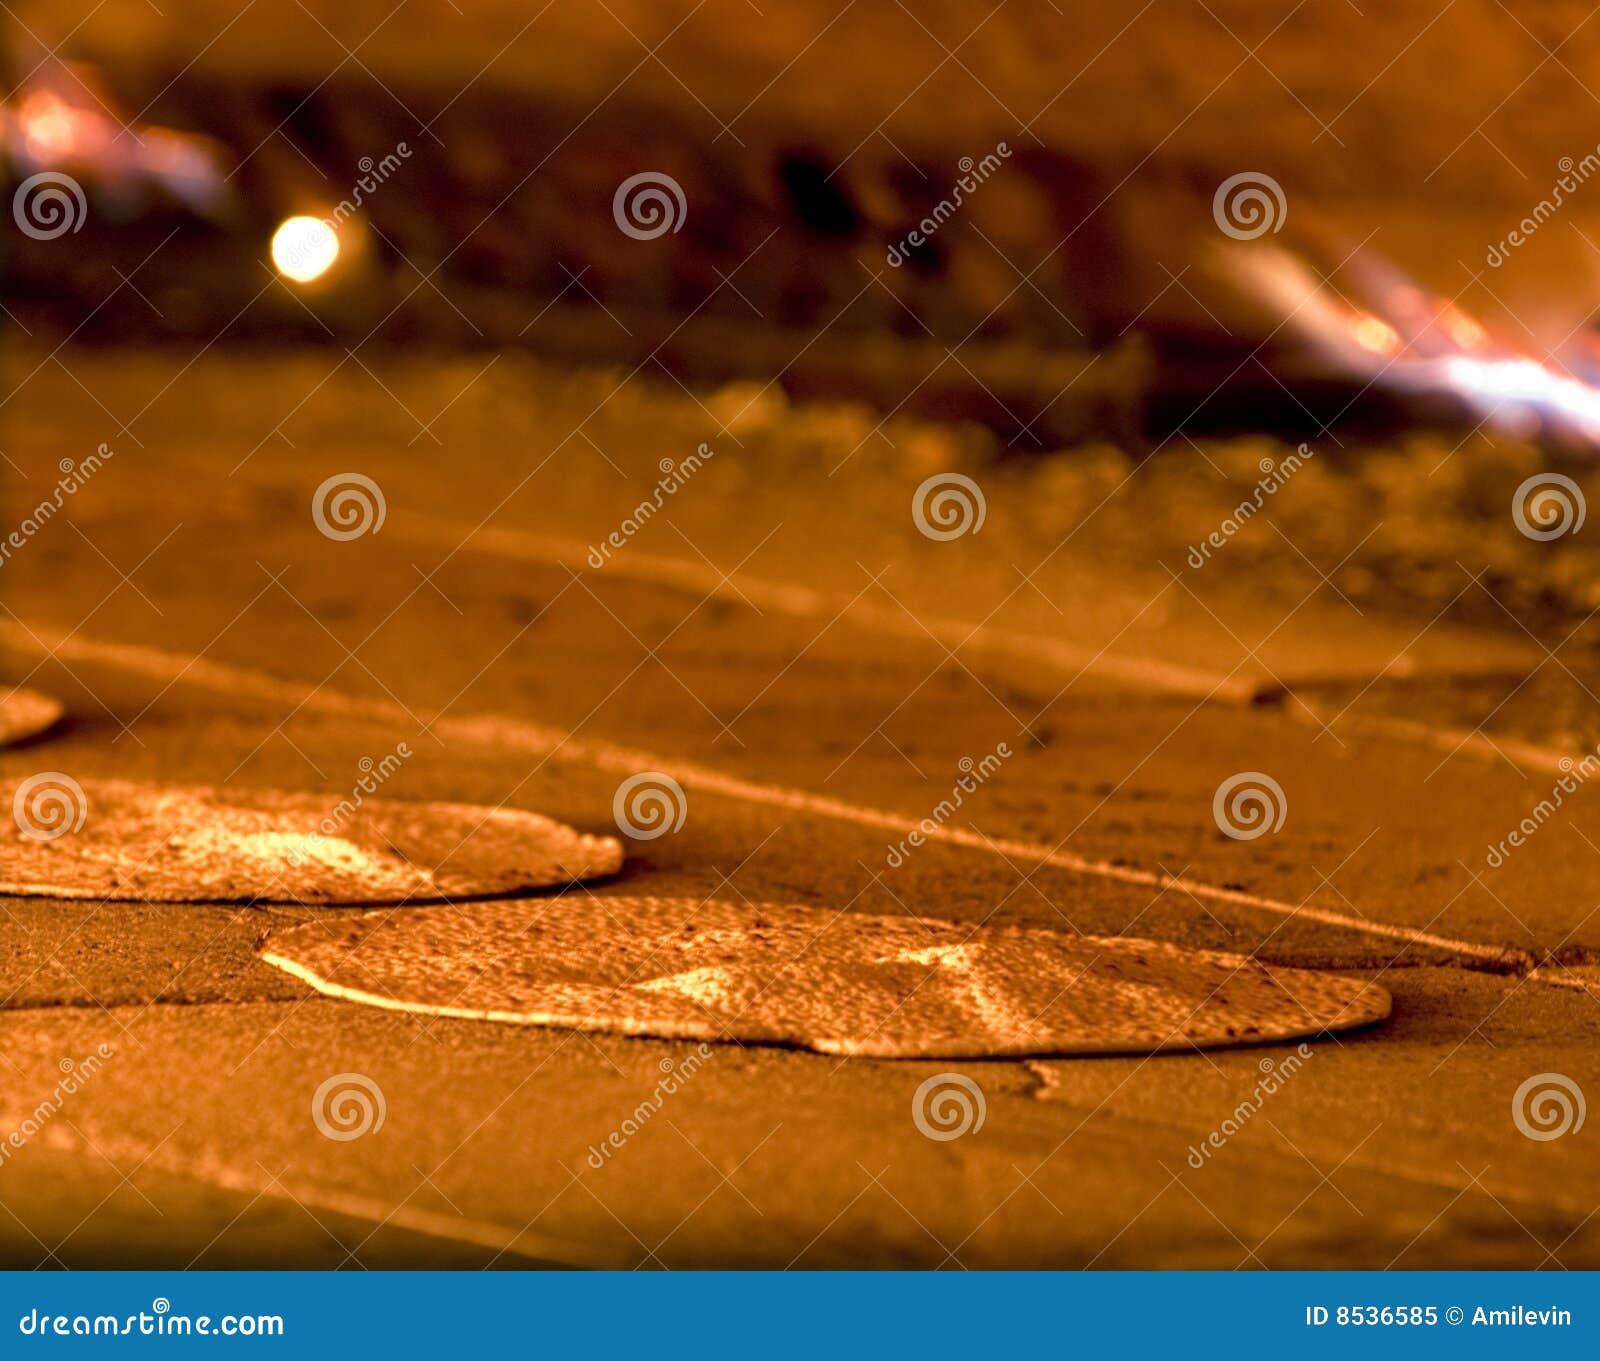 Matzah being baked